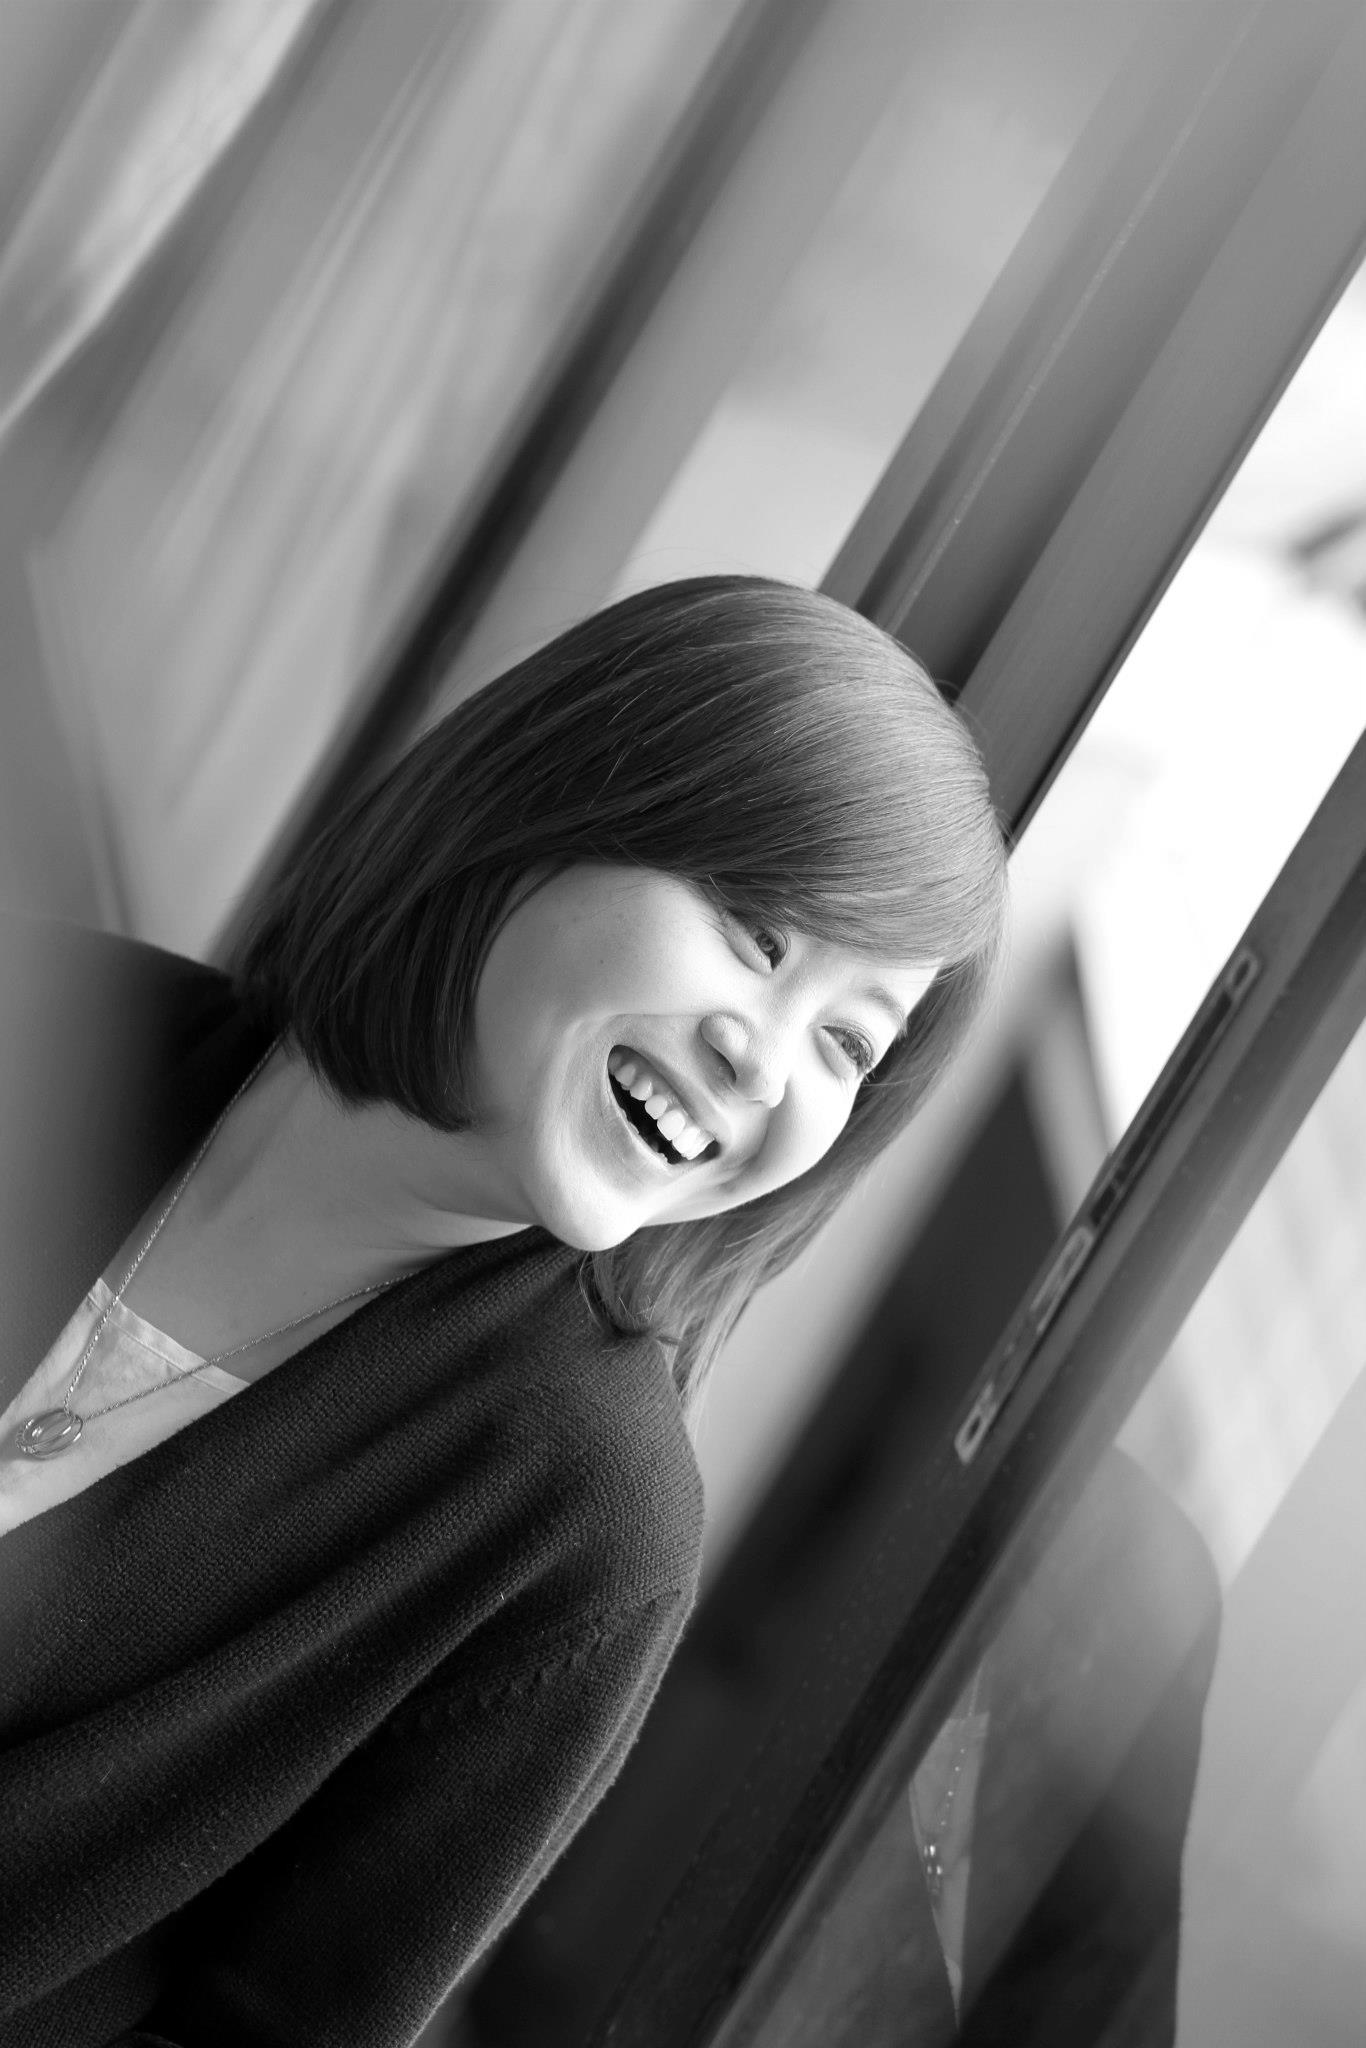 Mingming profile 01.jpg